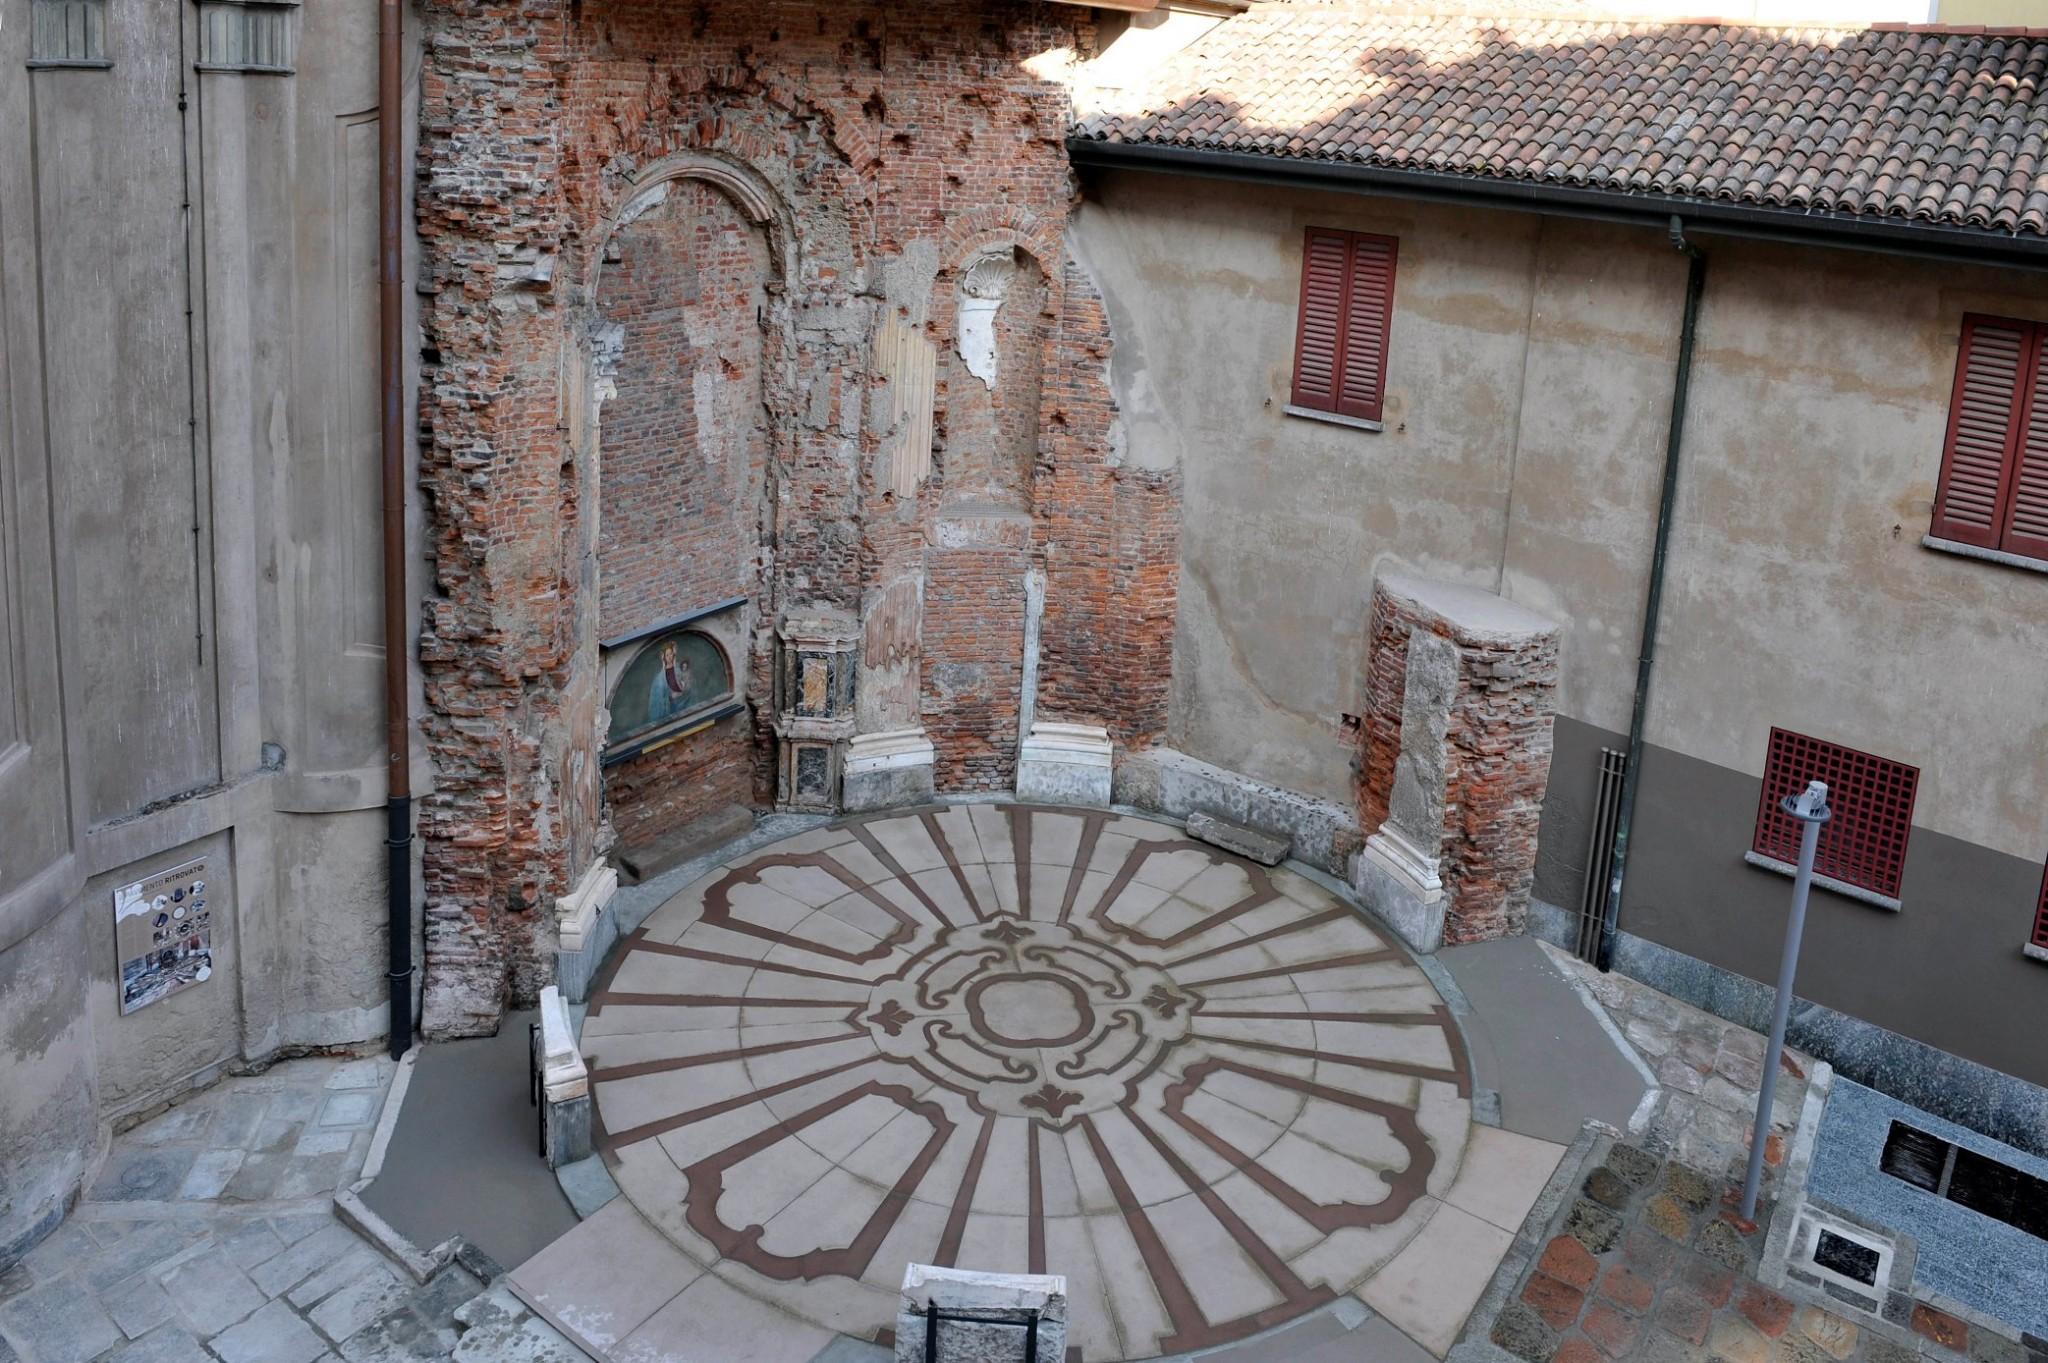 Santa_Maria_alla_porta